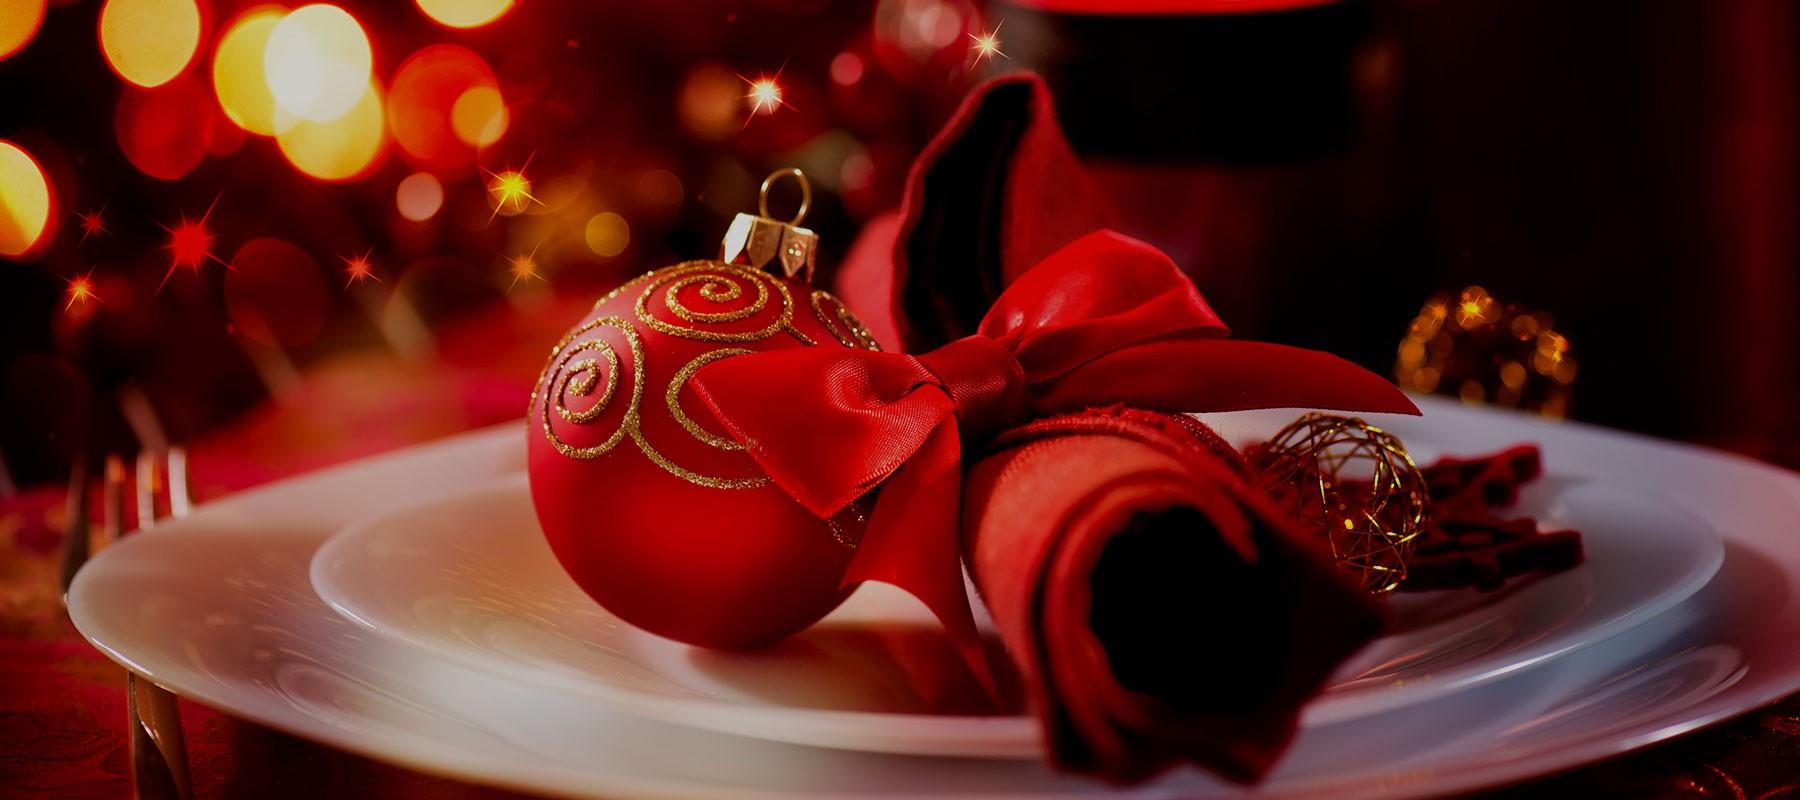 Παγώνη: Ξεχάστε ρεβεγιόν Χριστούγεννα και Πρωτοχρονιά – Αλλαγή χρονιάς μόνοι μας